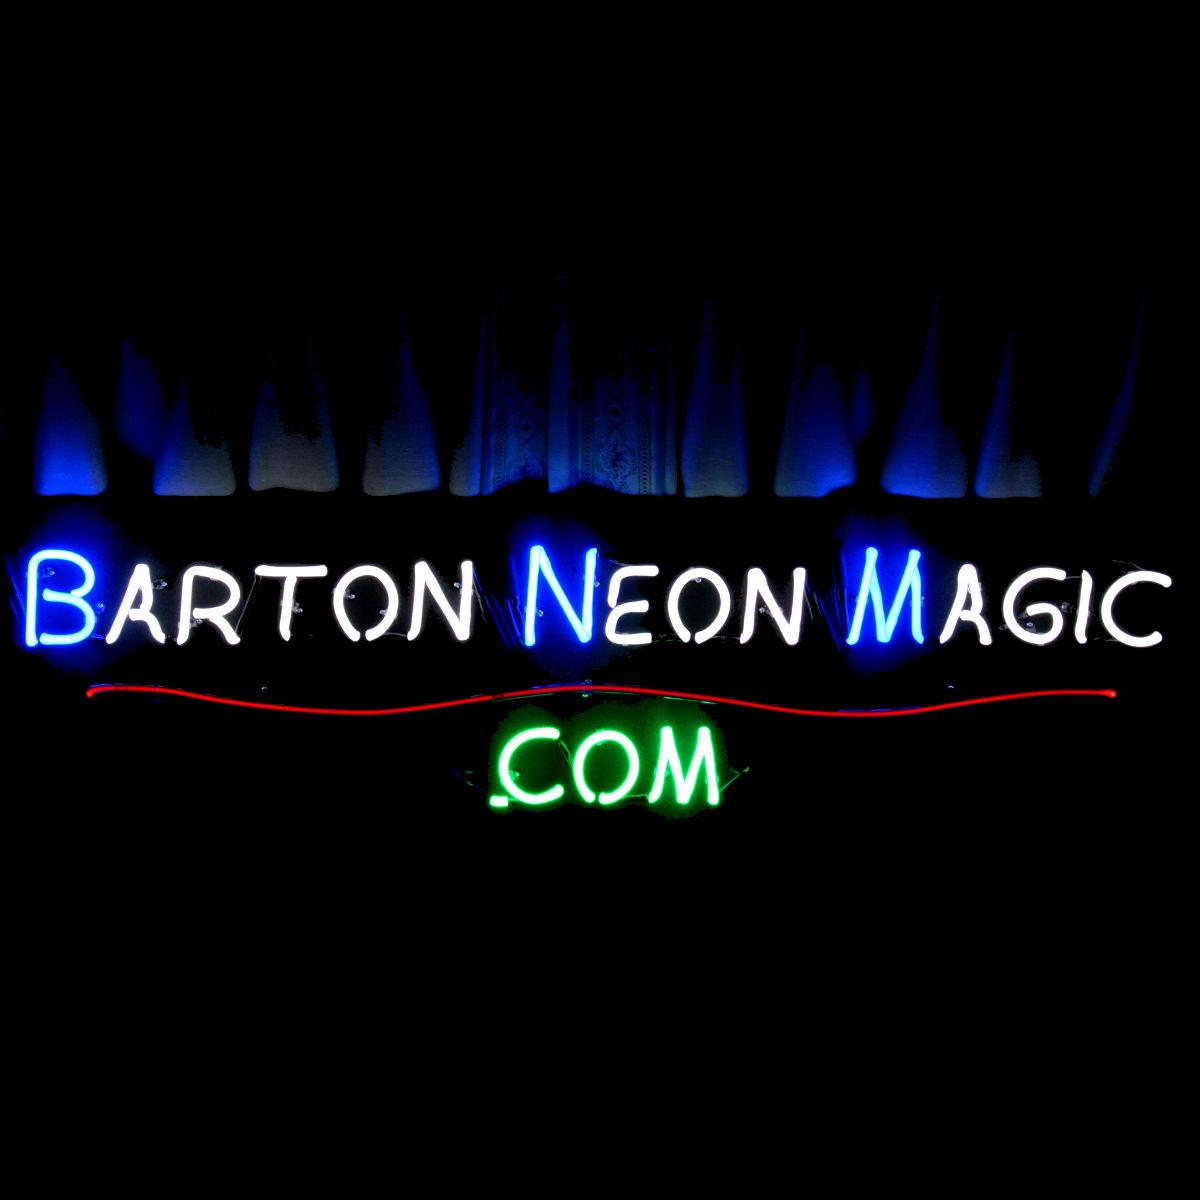 Packard Neon Signs by John Barton - former Packard New Car Dealer - BartonNeonMagic.com